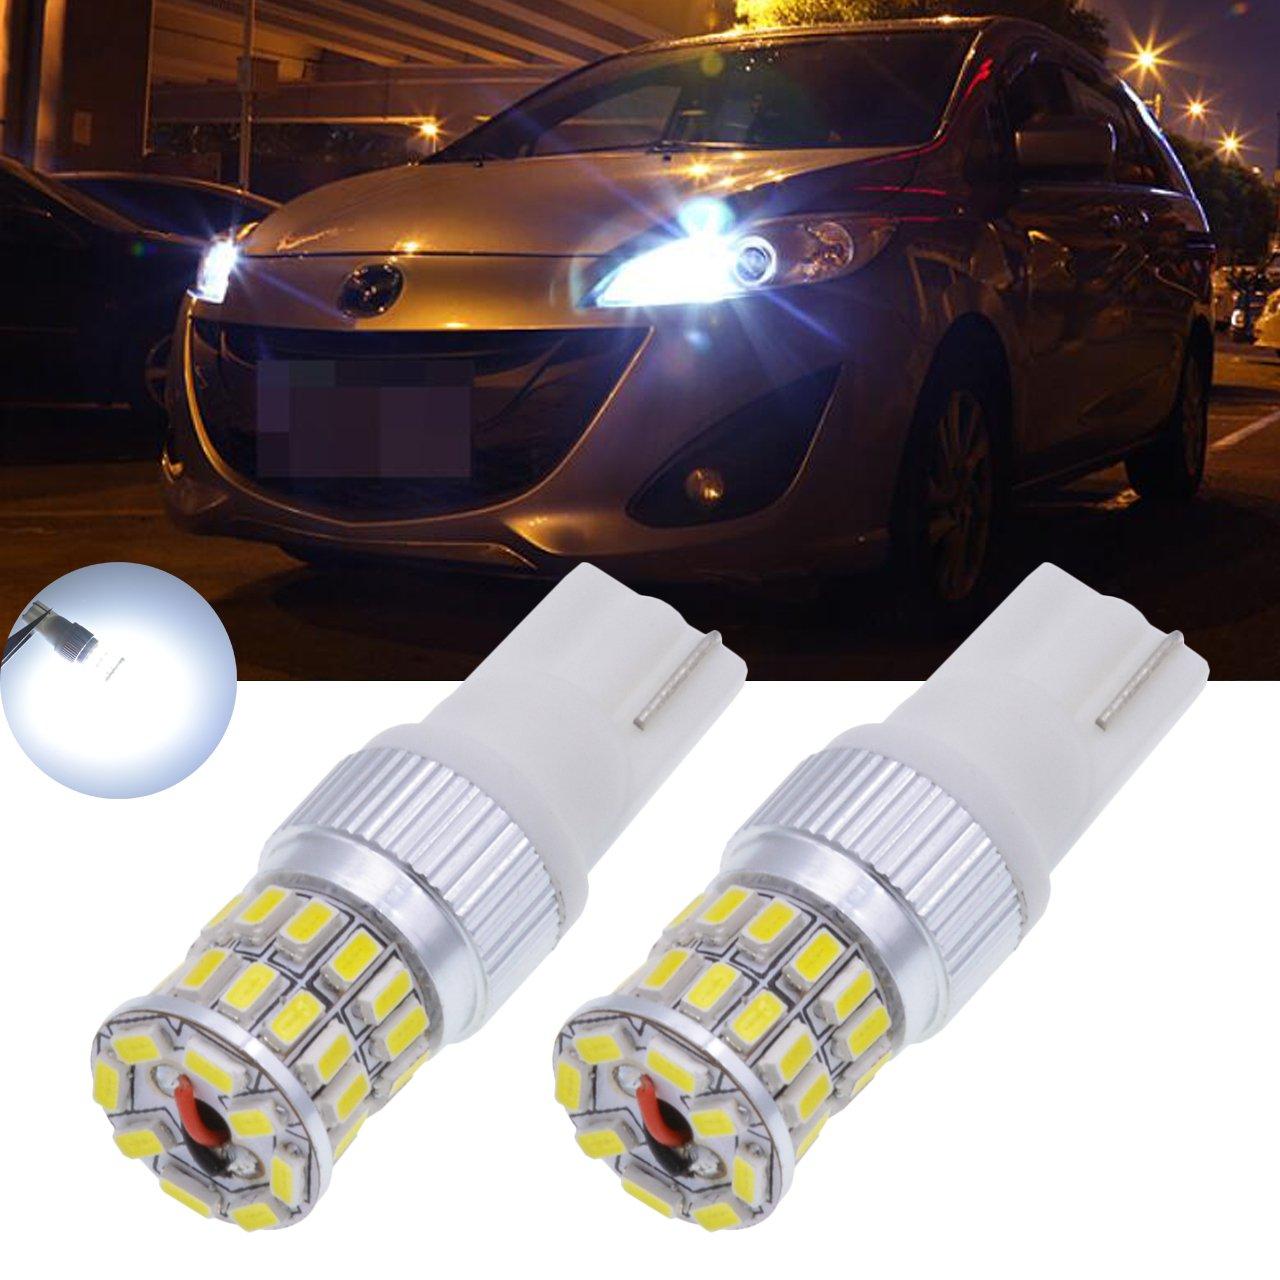 Tuincyn Ampoules LED Blanc 450 lumens 36smd T15 T10 921 912 168 175 194 utilisé es pour les lumiè res de voiture, clignotants, feux de stationnement, feux de recul, feux arriè res DC 12&n